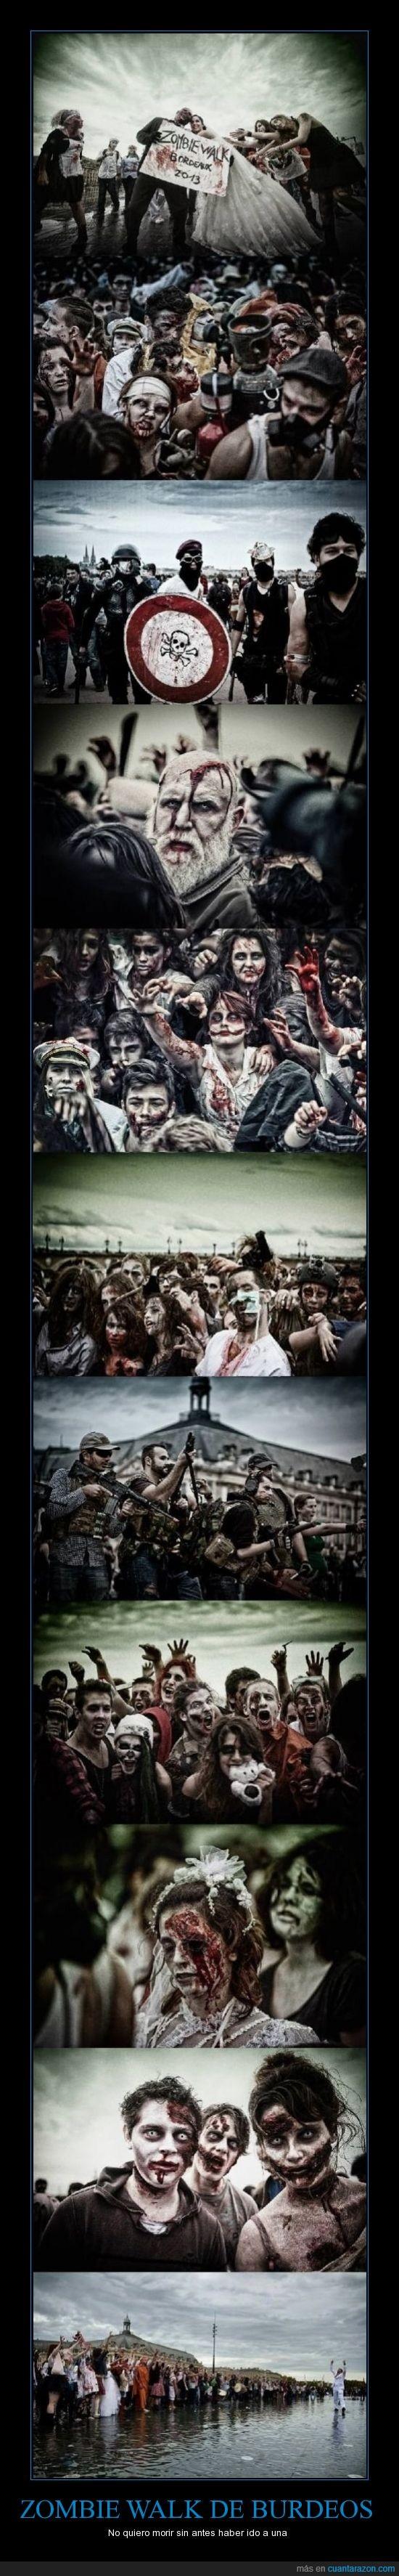 morir,walk,zombie,zombie walk